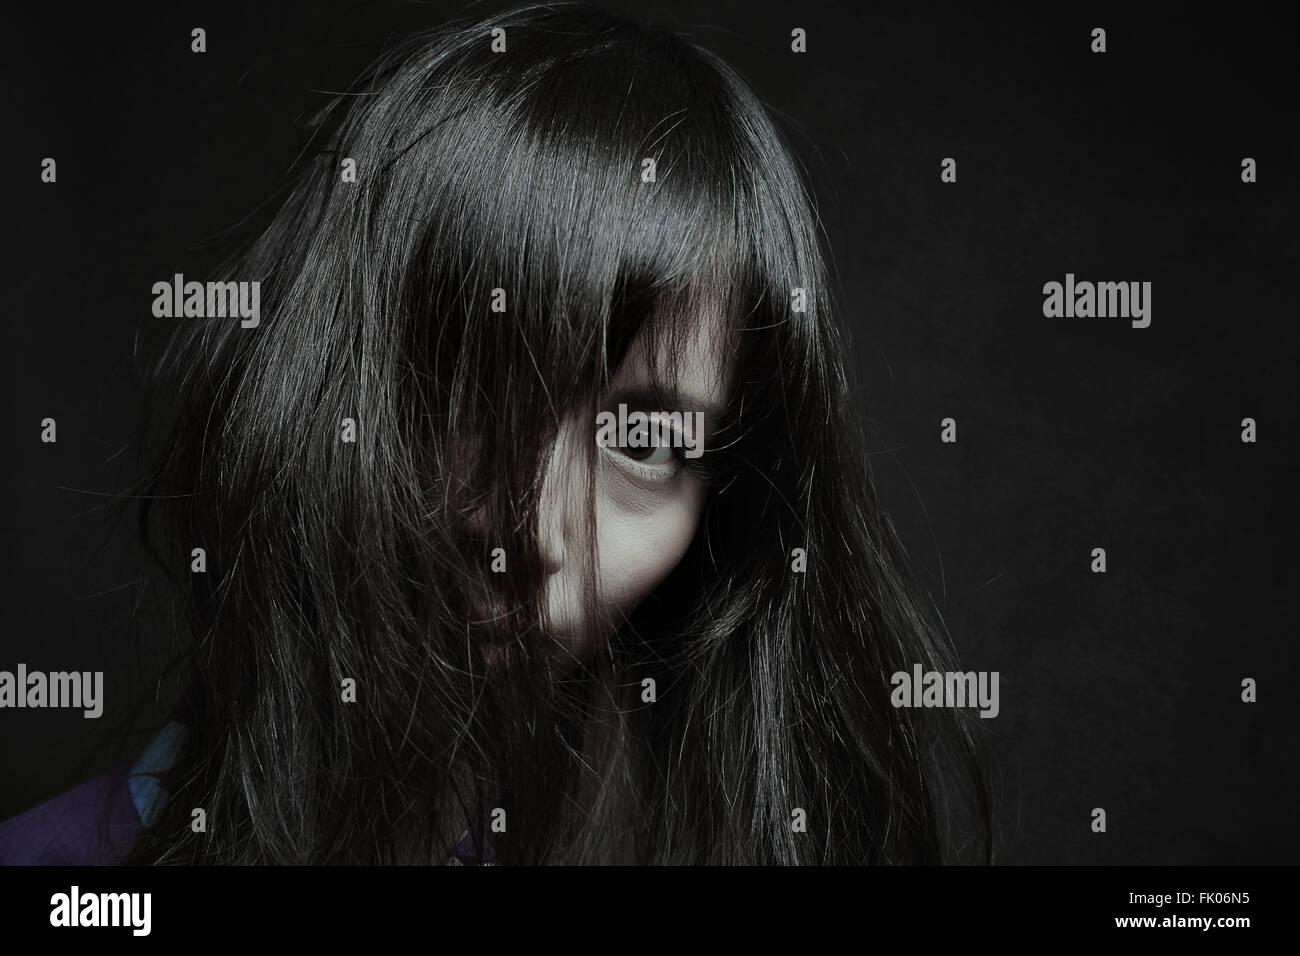 Dark ritratto di una pallida donna giapponese. Halloween e horror Immagini Stock